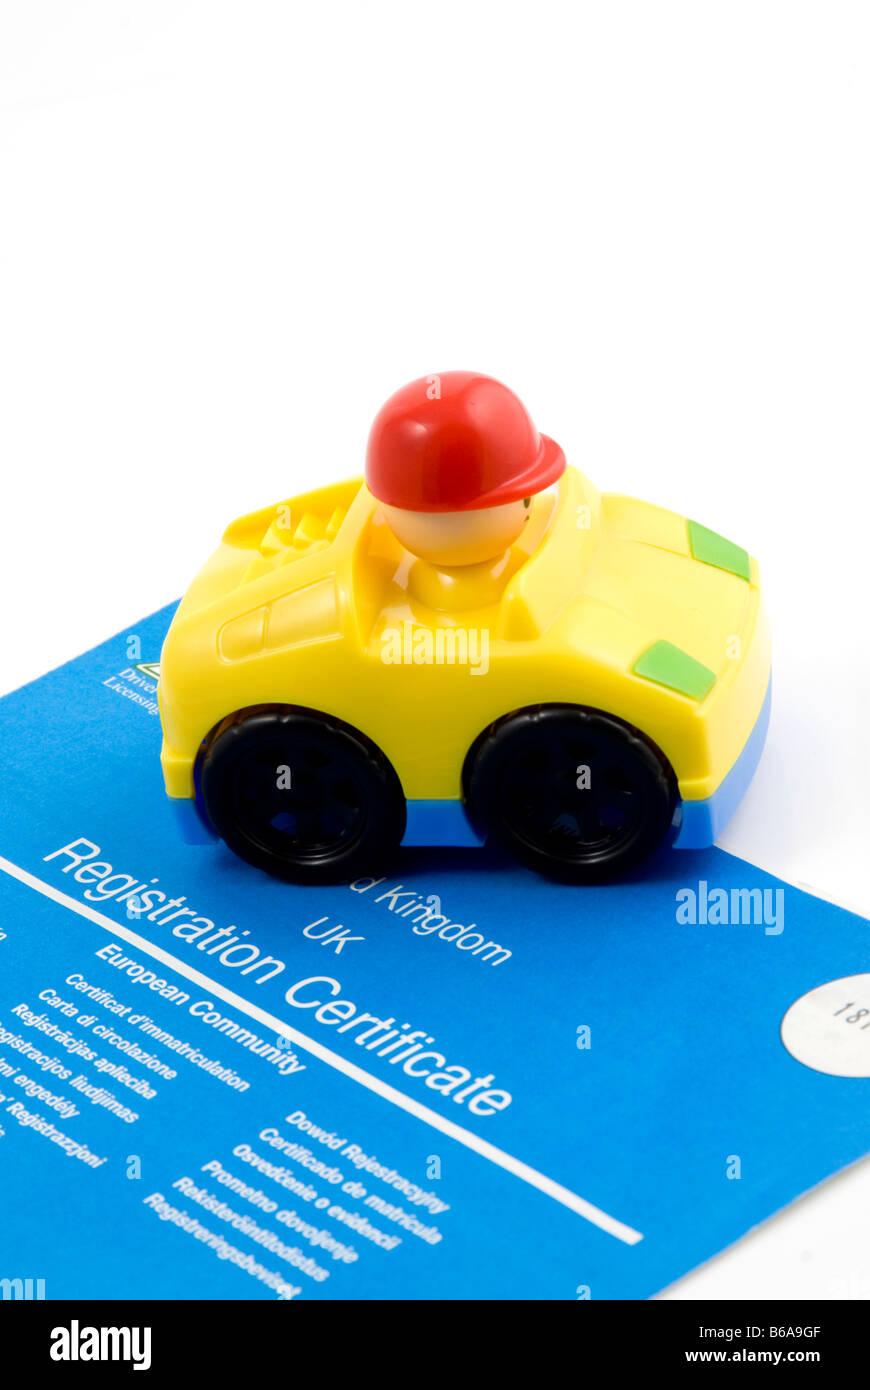 Coche de juguete con un documento de registro del coche Foto de stock